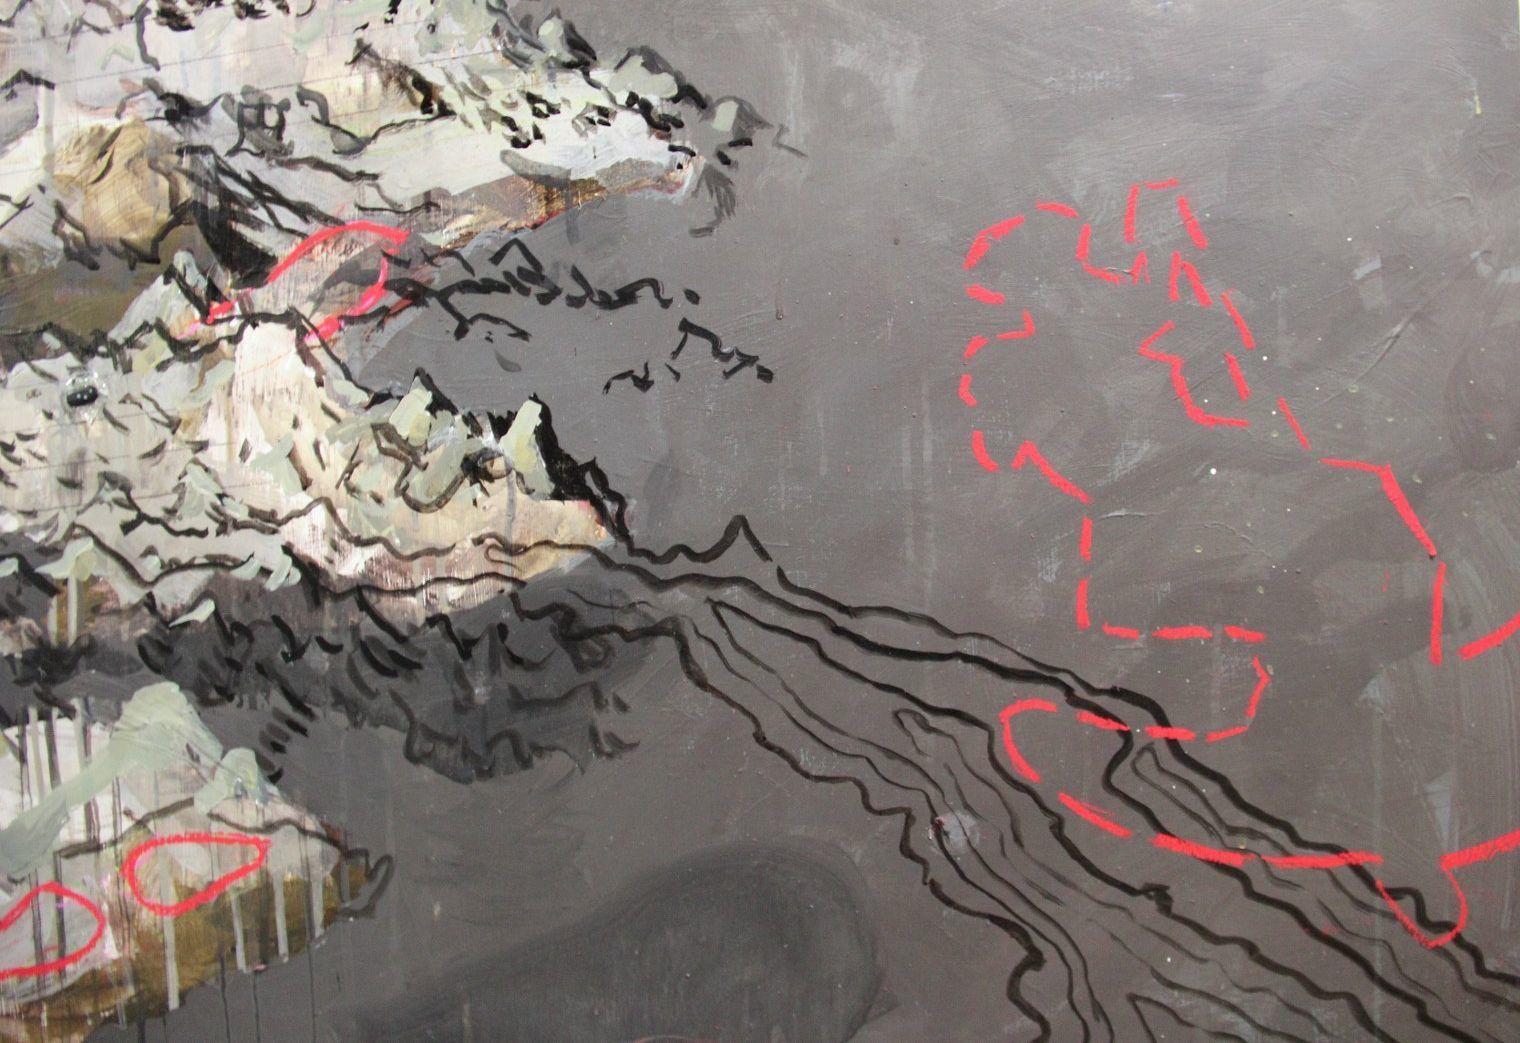 Benoît Ricard, PINÈDE de la série Chasse-galerie (détail), 2014, médium mixte sur bois, 152,4 x 248,9 (photo Benoît Ricard). L'exposition GIGANTOMACHIES LAURENTIENNES est présentée au MACL du 1er février au 22 mars 2015.